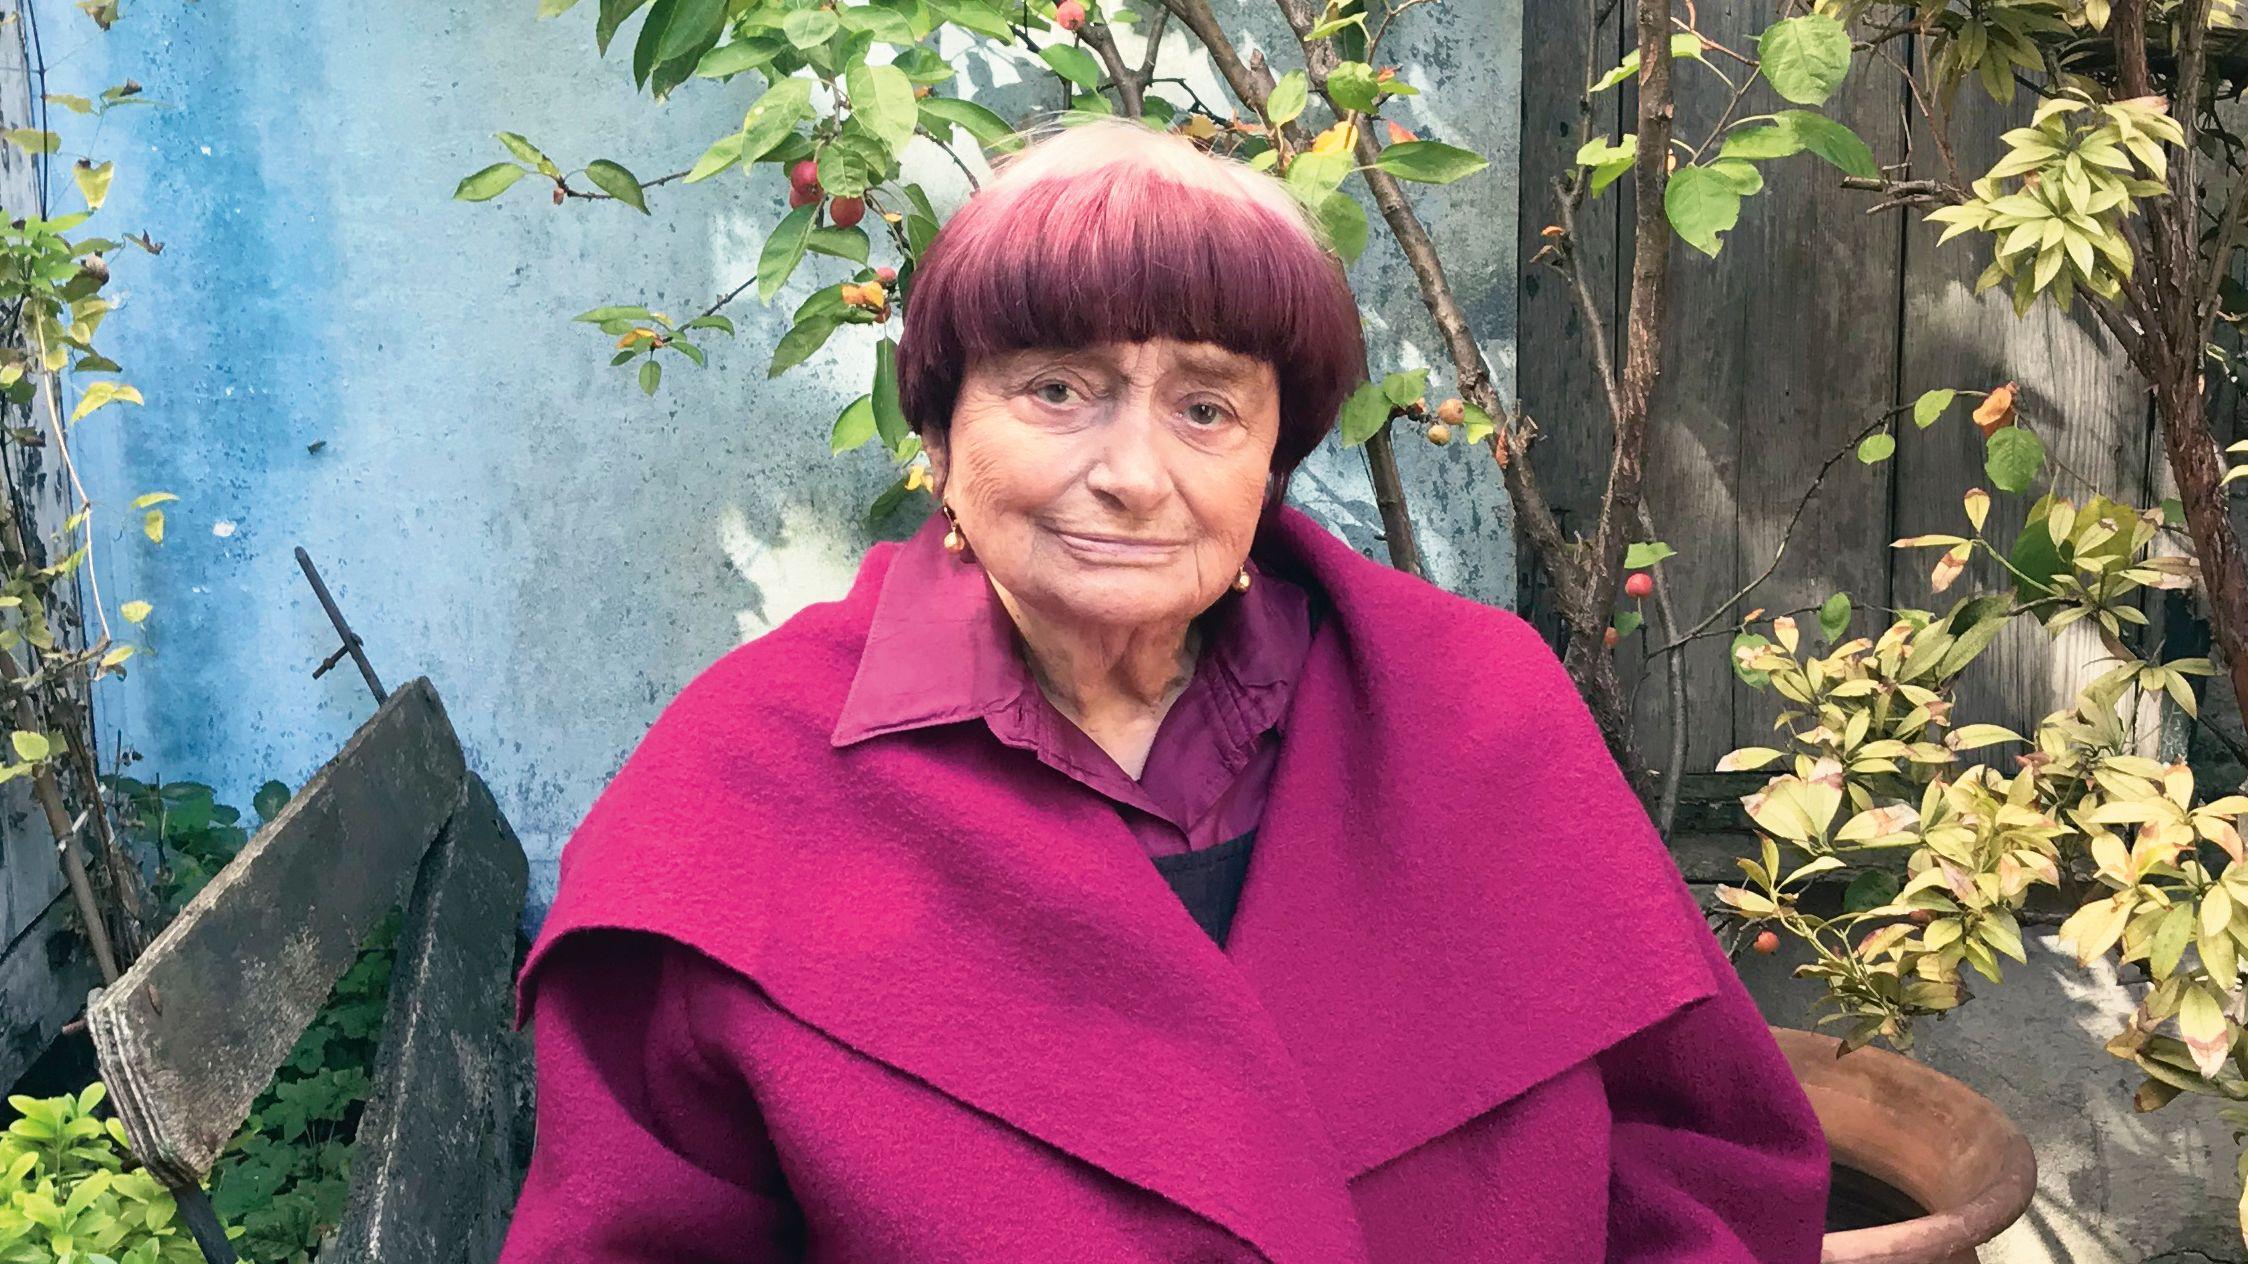 Regisseurin Agnès Varda sitzt auf einer halb verfallenen Holzbank in einem Hinterhof, sie ist in einen pinken Mantel gehüllt